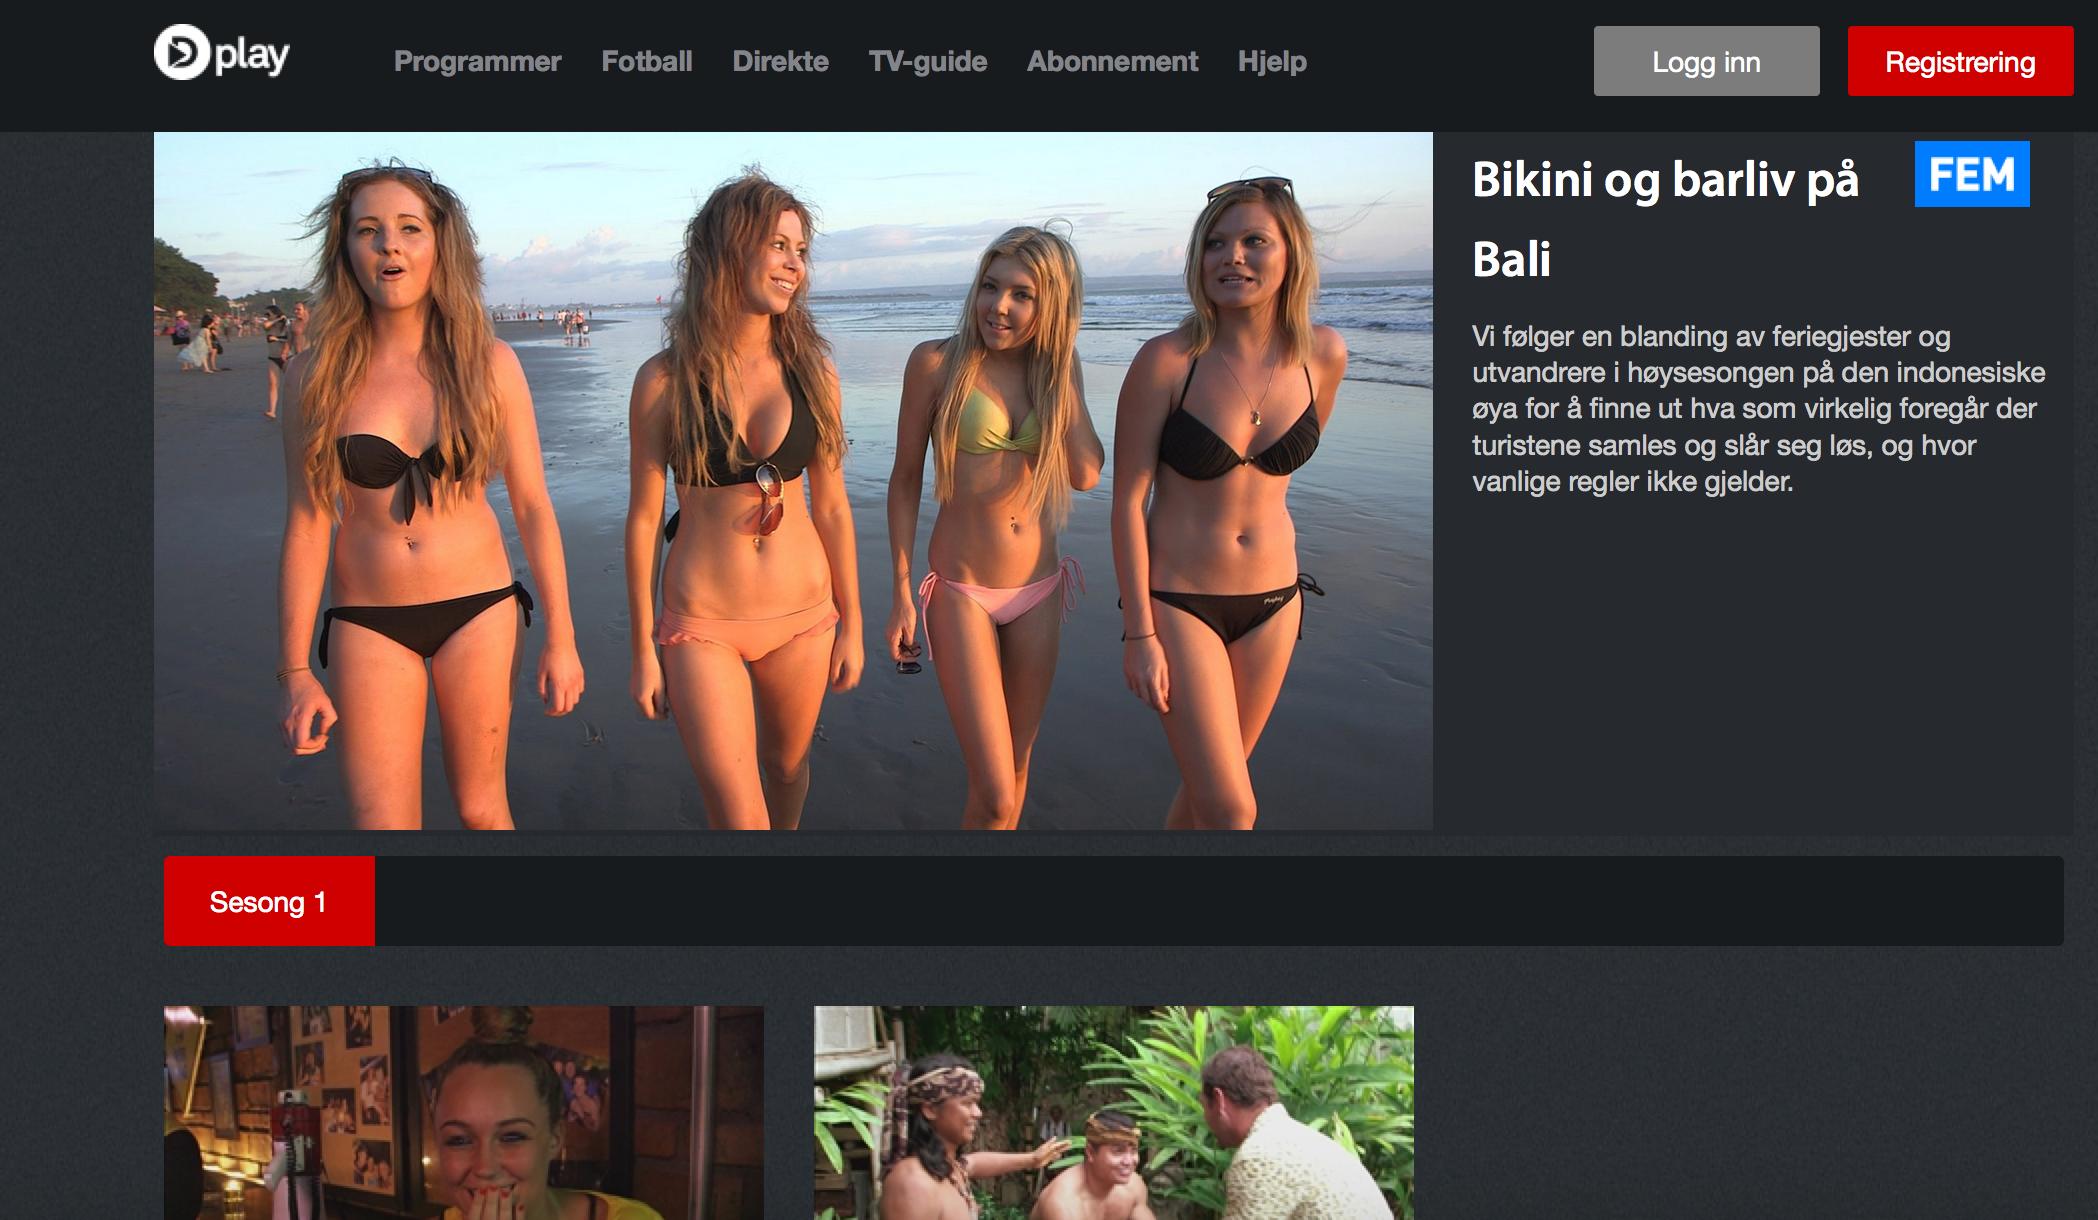 Skjermdump av «Bikini og barliv å Bali», en australsk reality-TV-serie som balinesrene neppe er happy over..